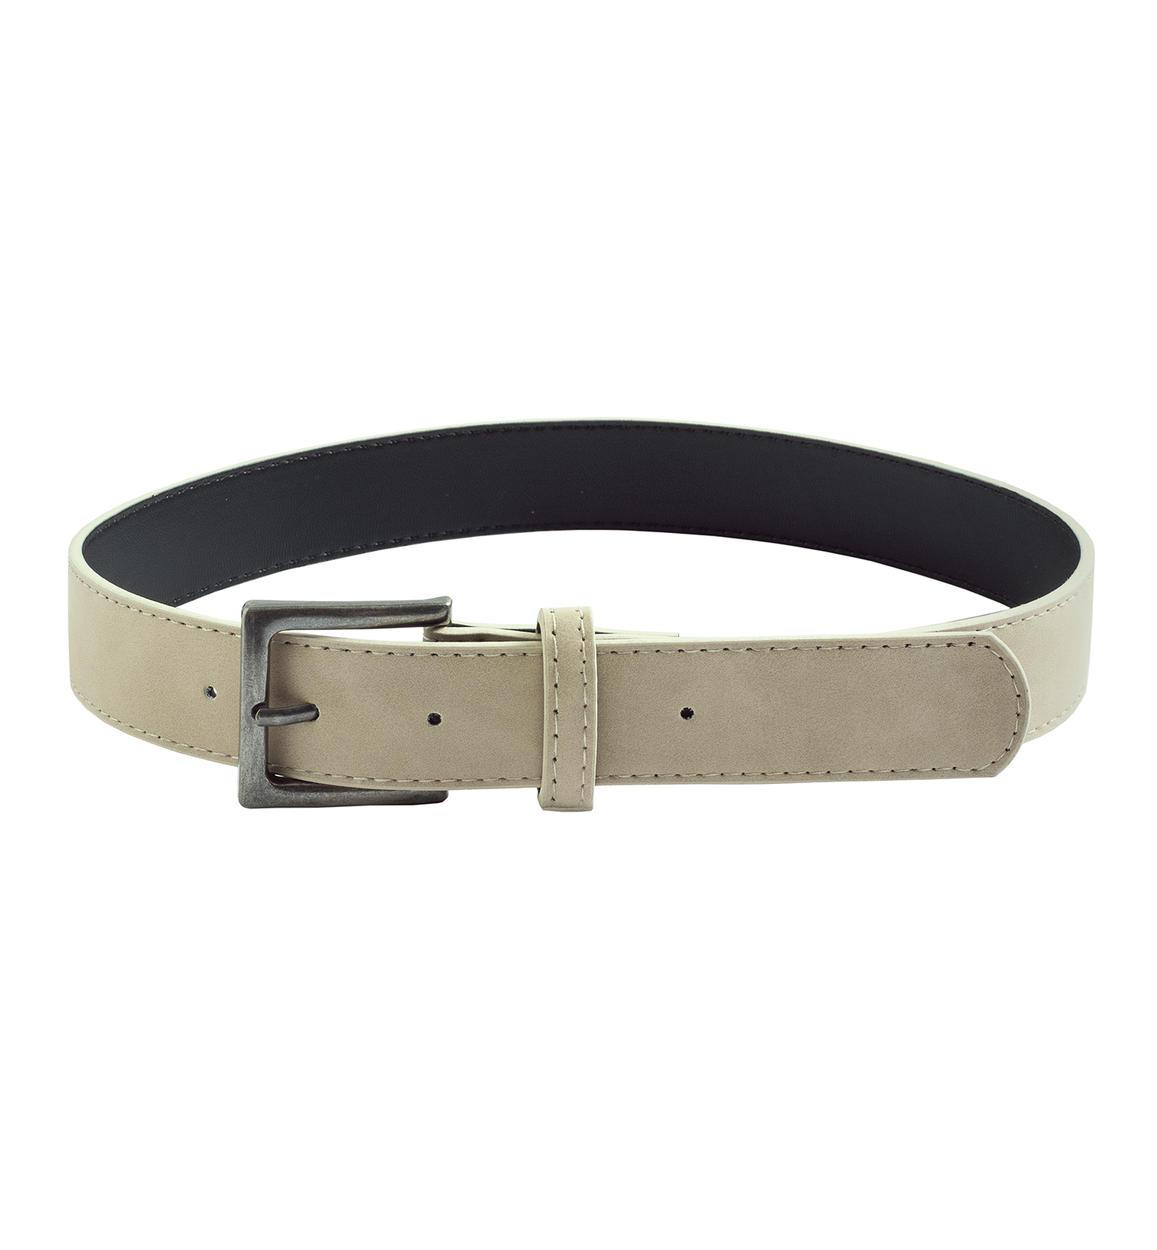 Cintura in ecopelle per bambino da 6 a 16 anni iDO - Accessori ... 51313844bb7f